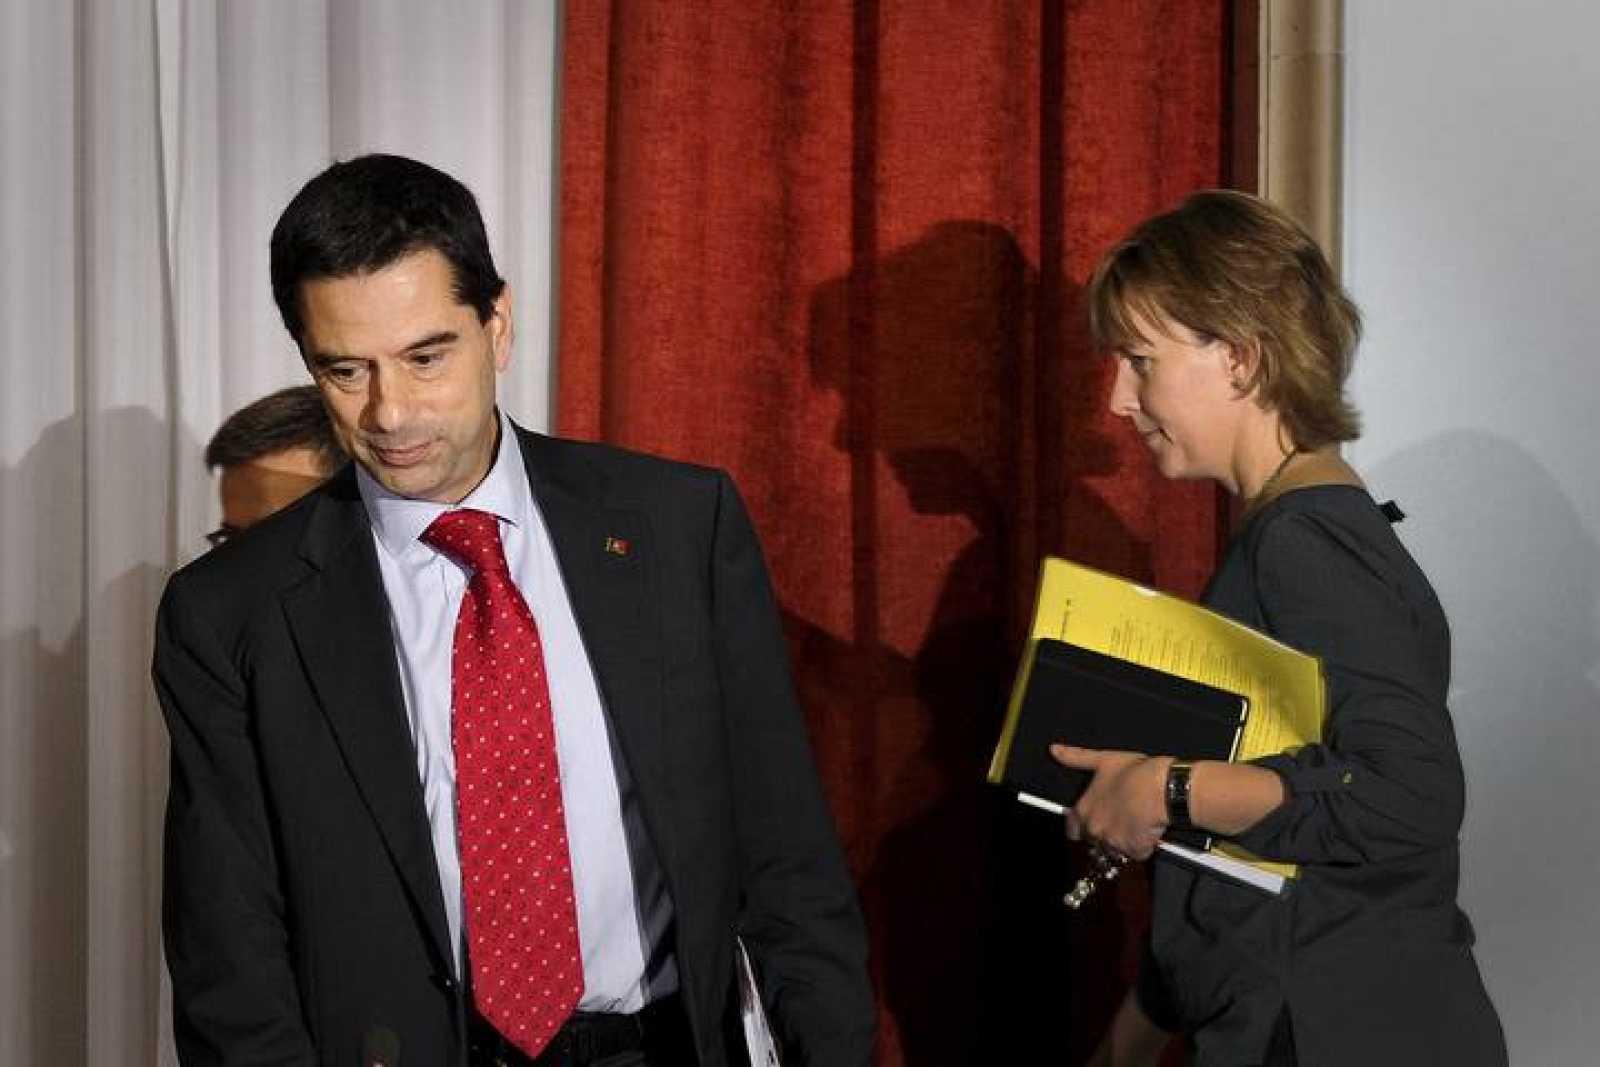 Foto de archivo (3 de octubre de 2012) en la que se ve al dimisionario ministro Vitor Gaspar junto a la nueva ministra de Finanzas, Maria Luis Albuquerque